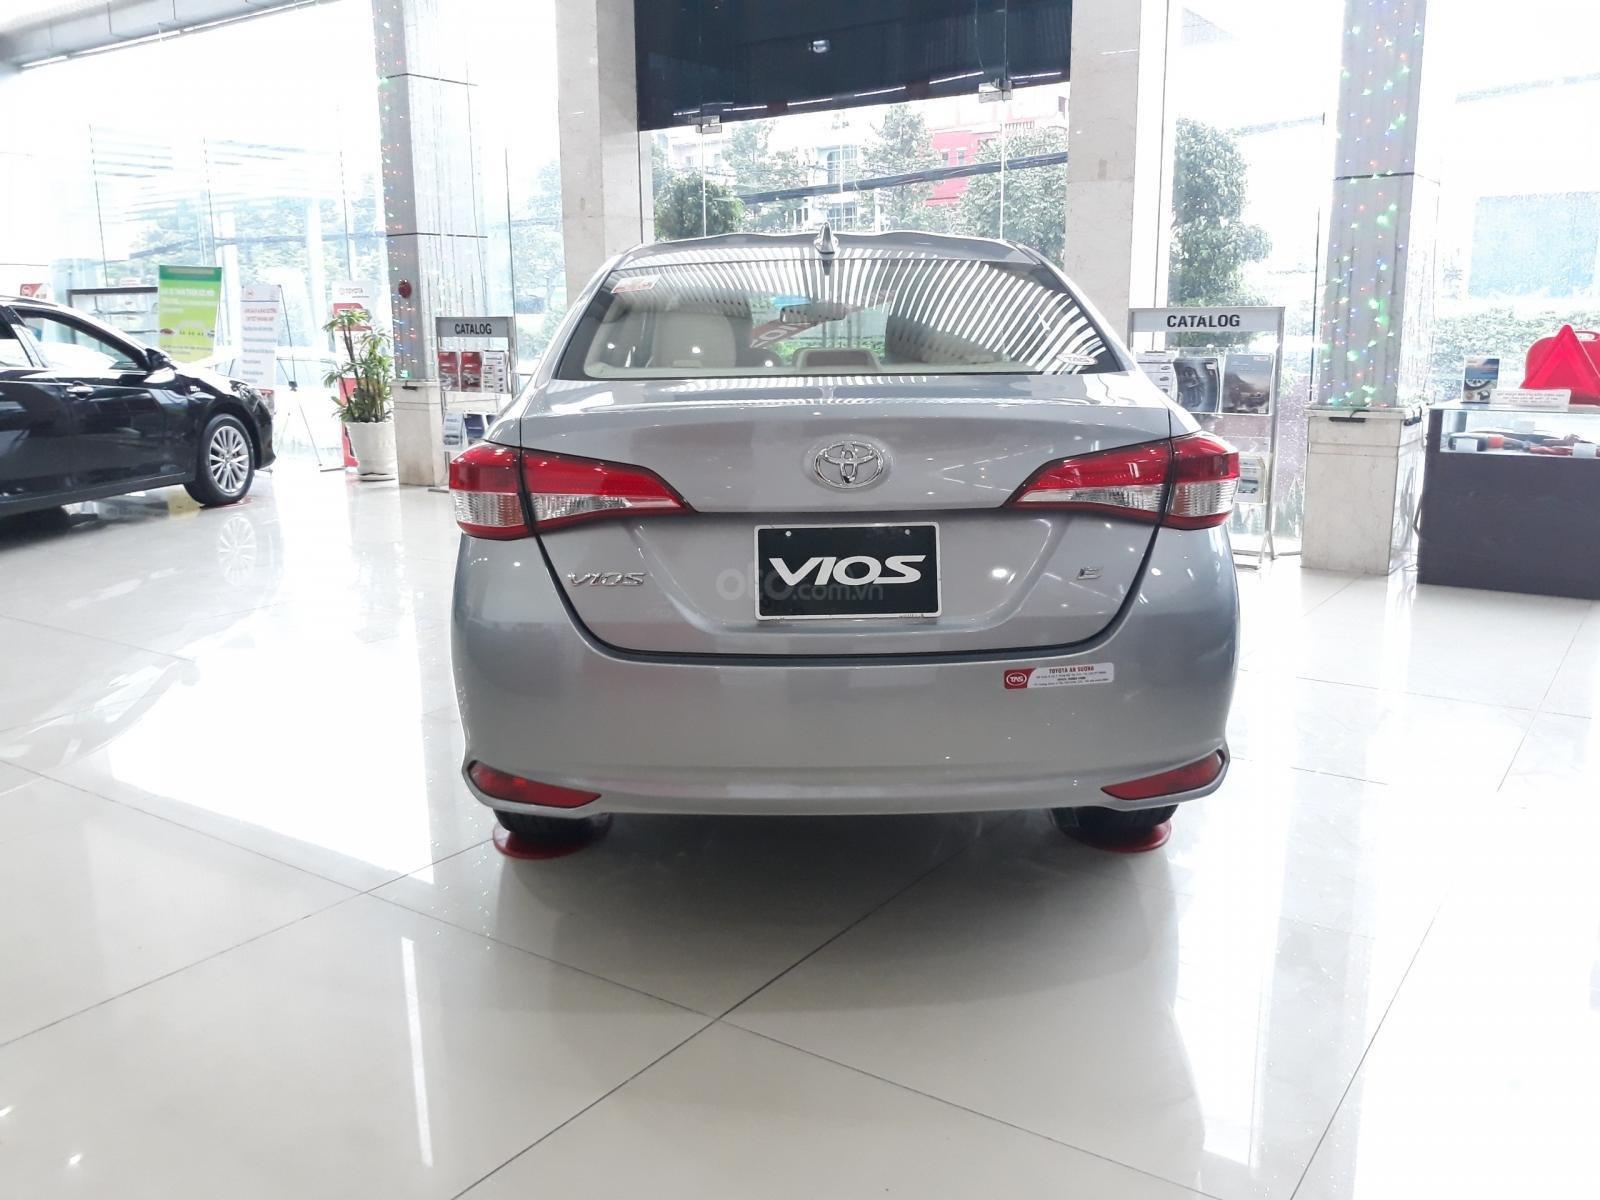 Bán Vios 2019 chường trình ưu đãi lớn tại Toyota An Sương-1